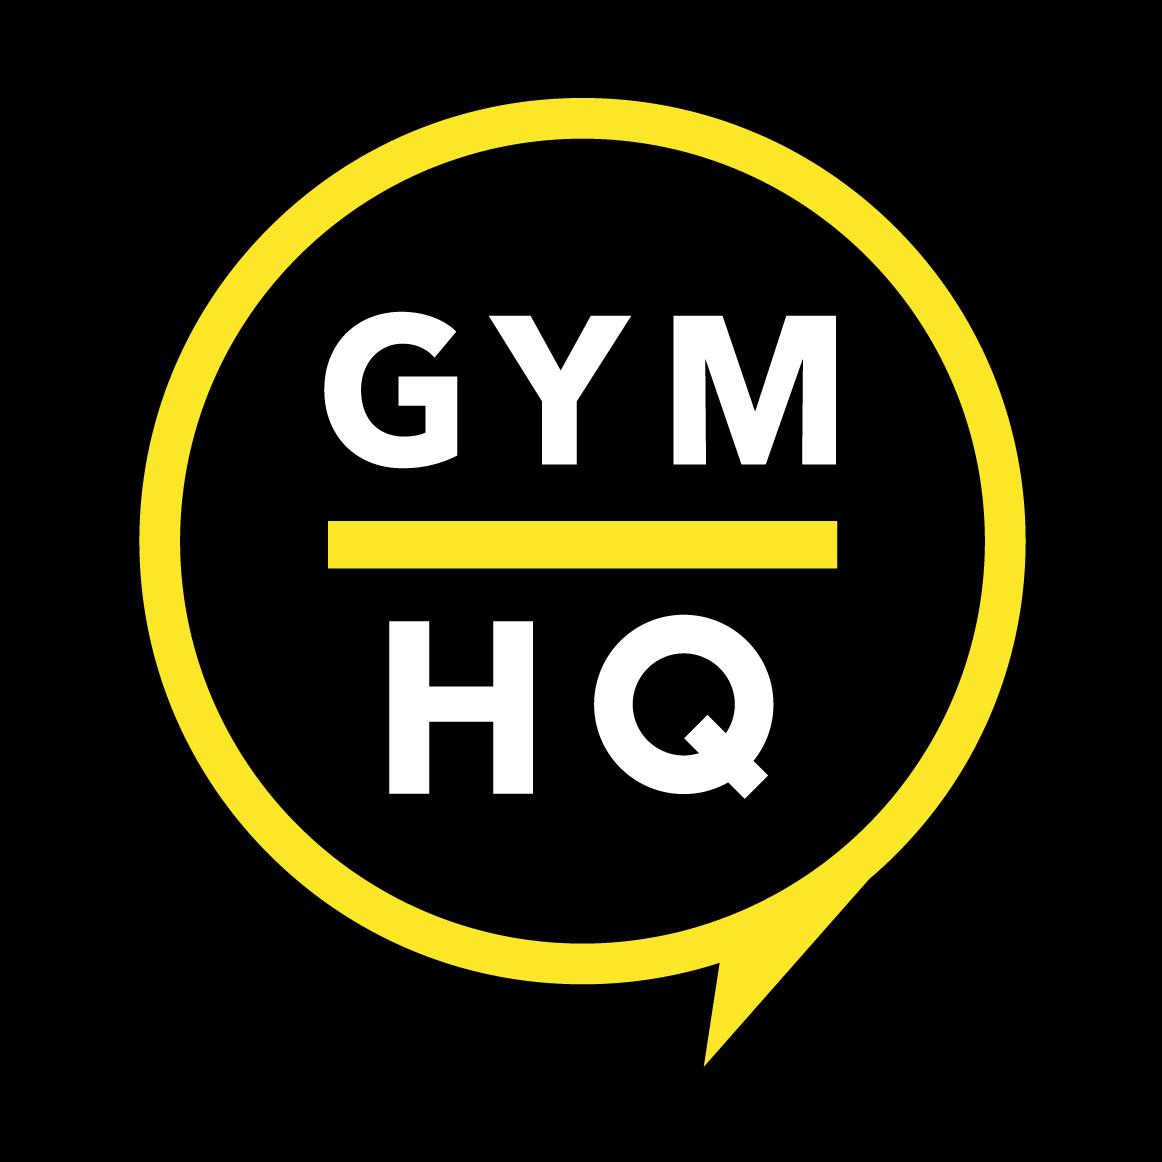 gym hq